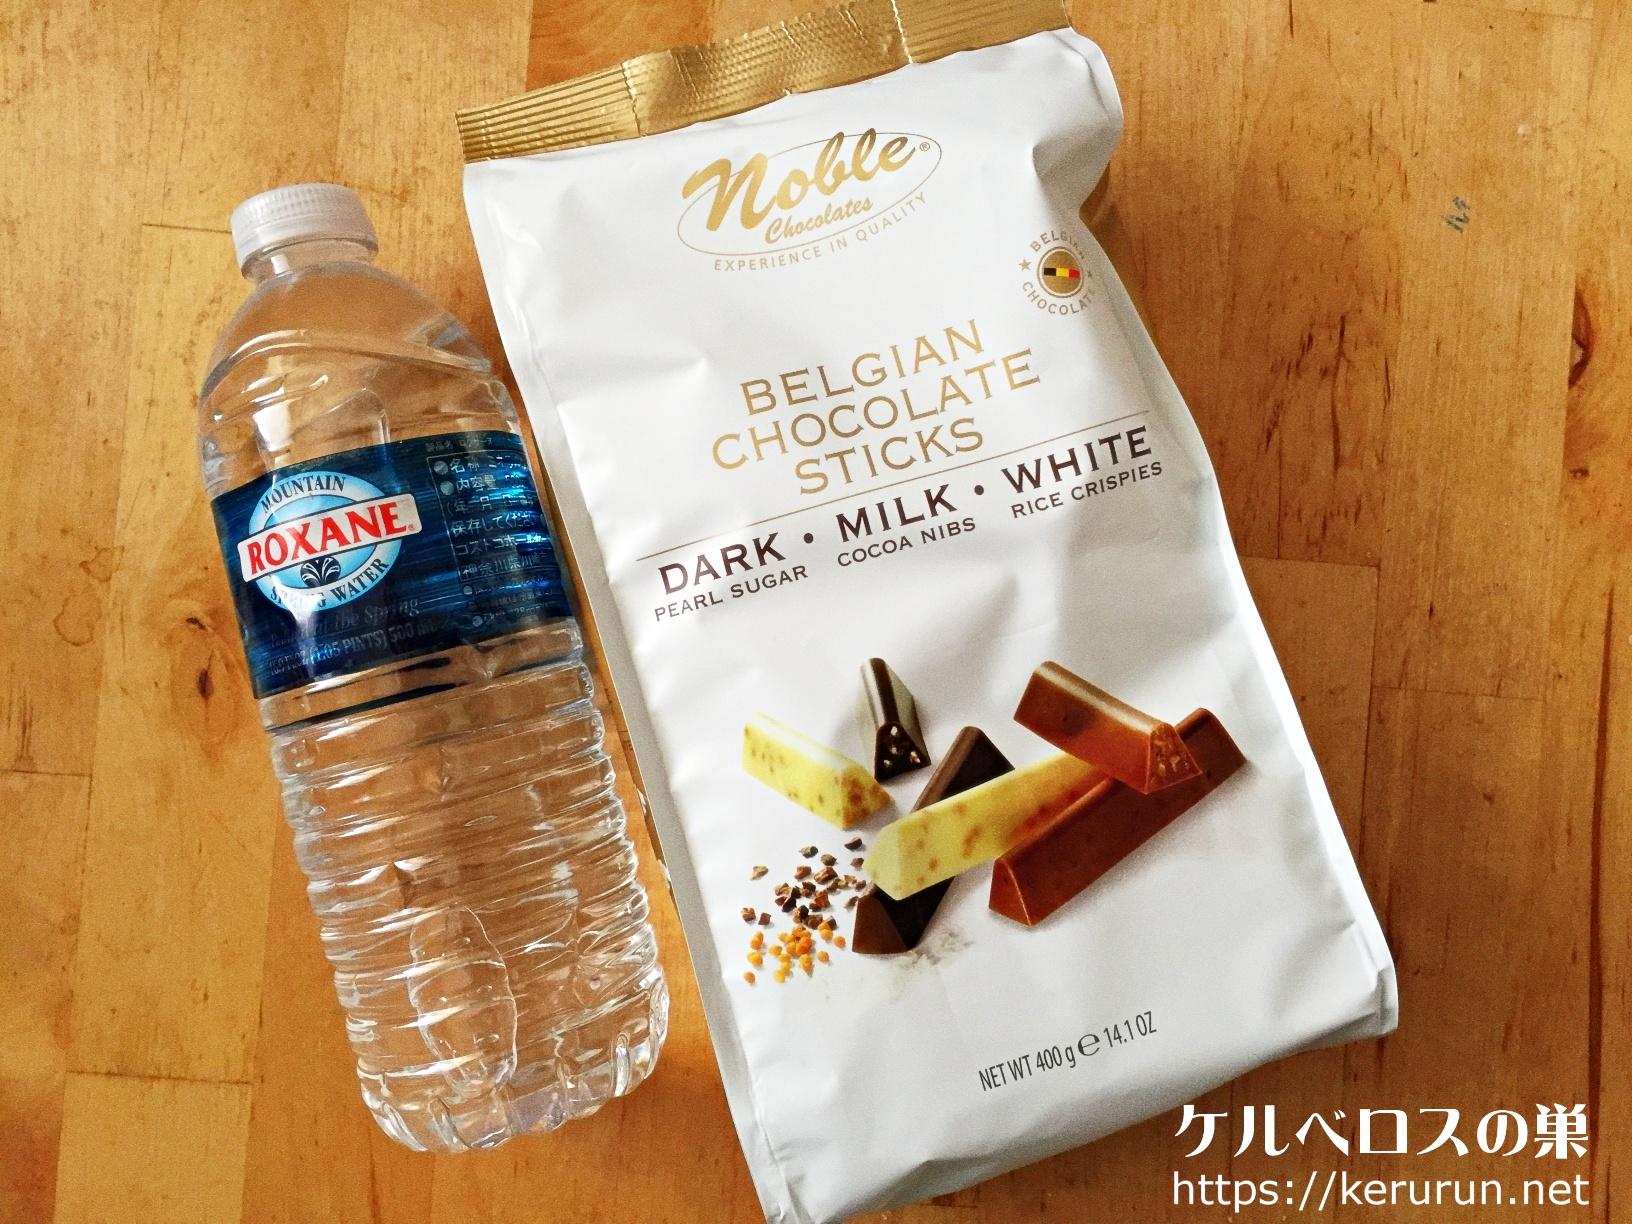 【コストコ】Noble(ノーブル)ベルギーチョコレートスティック